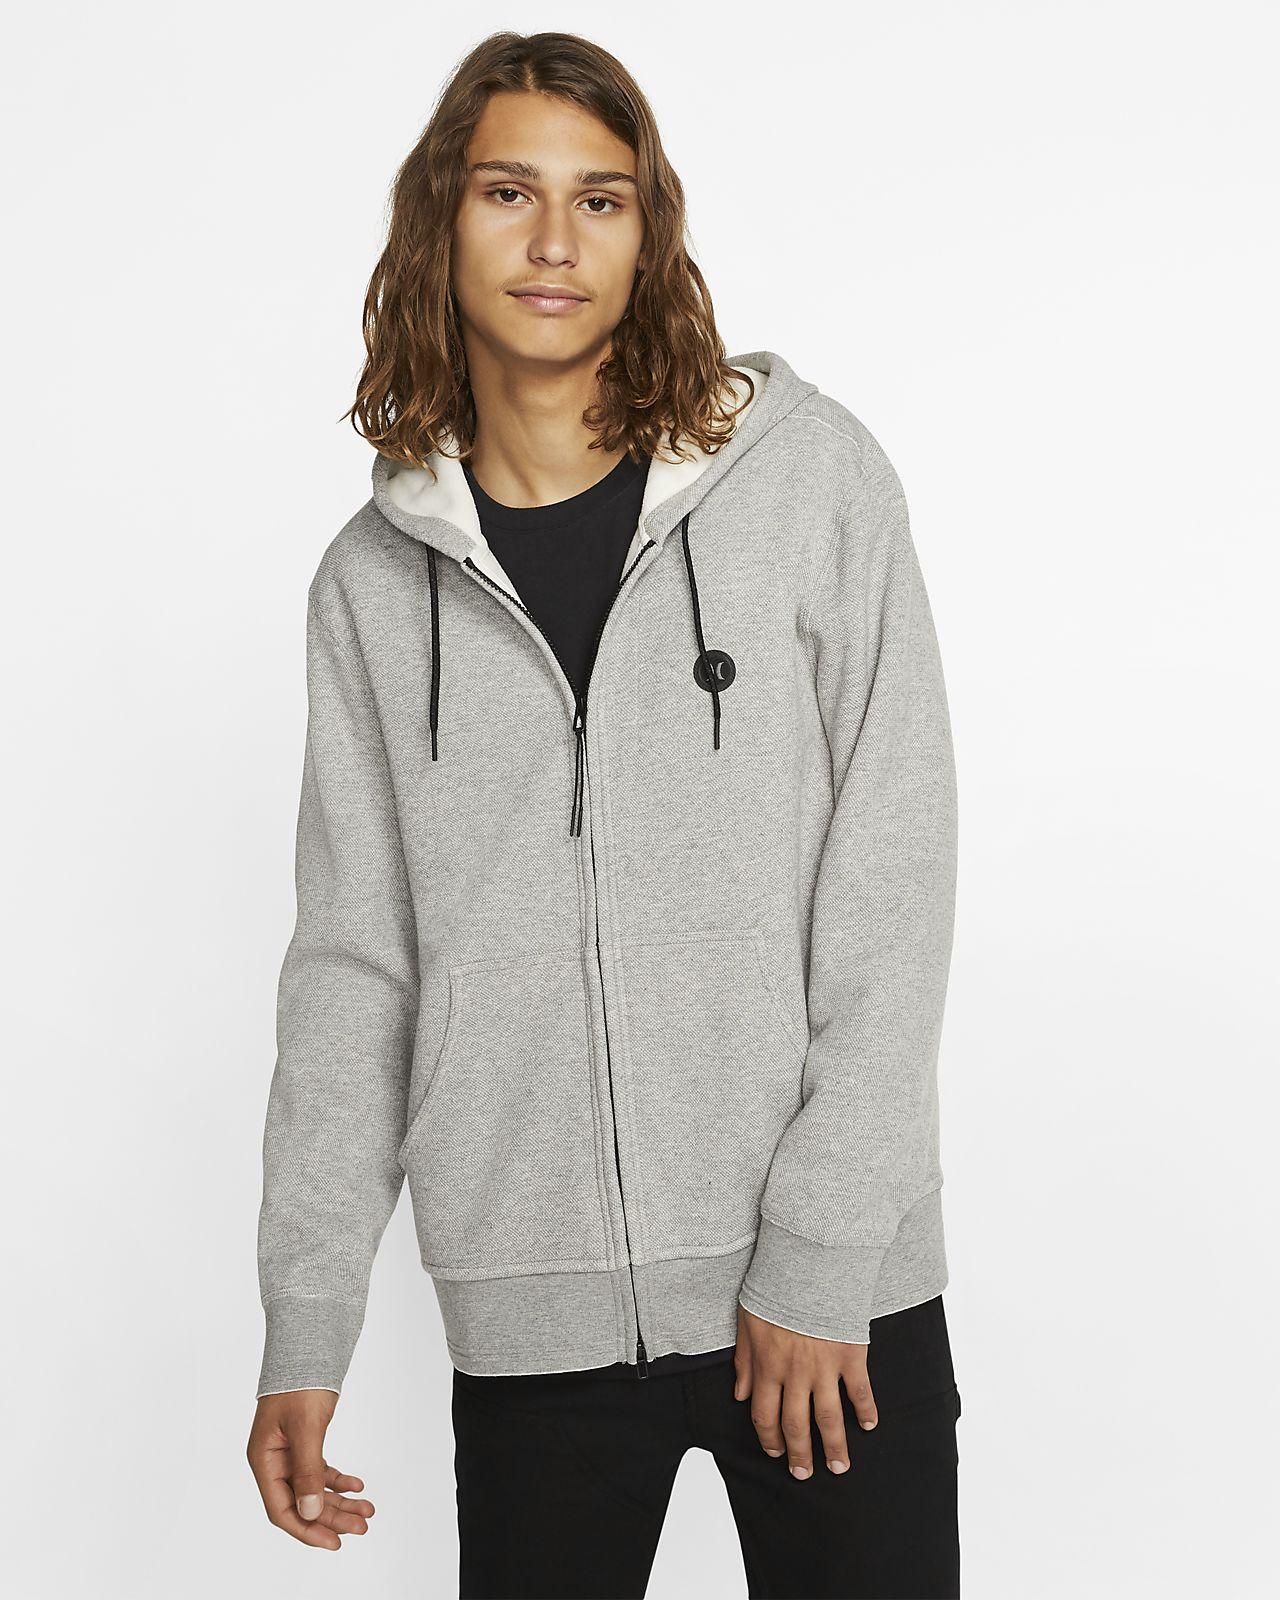 Hurley Endure Therma Men's Full Zip Fleece Hoodie